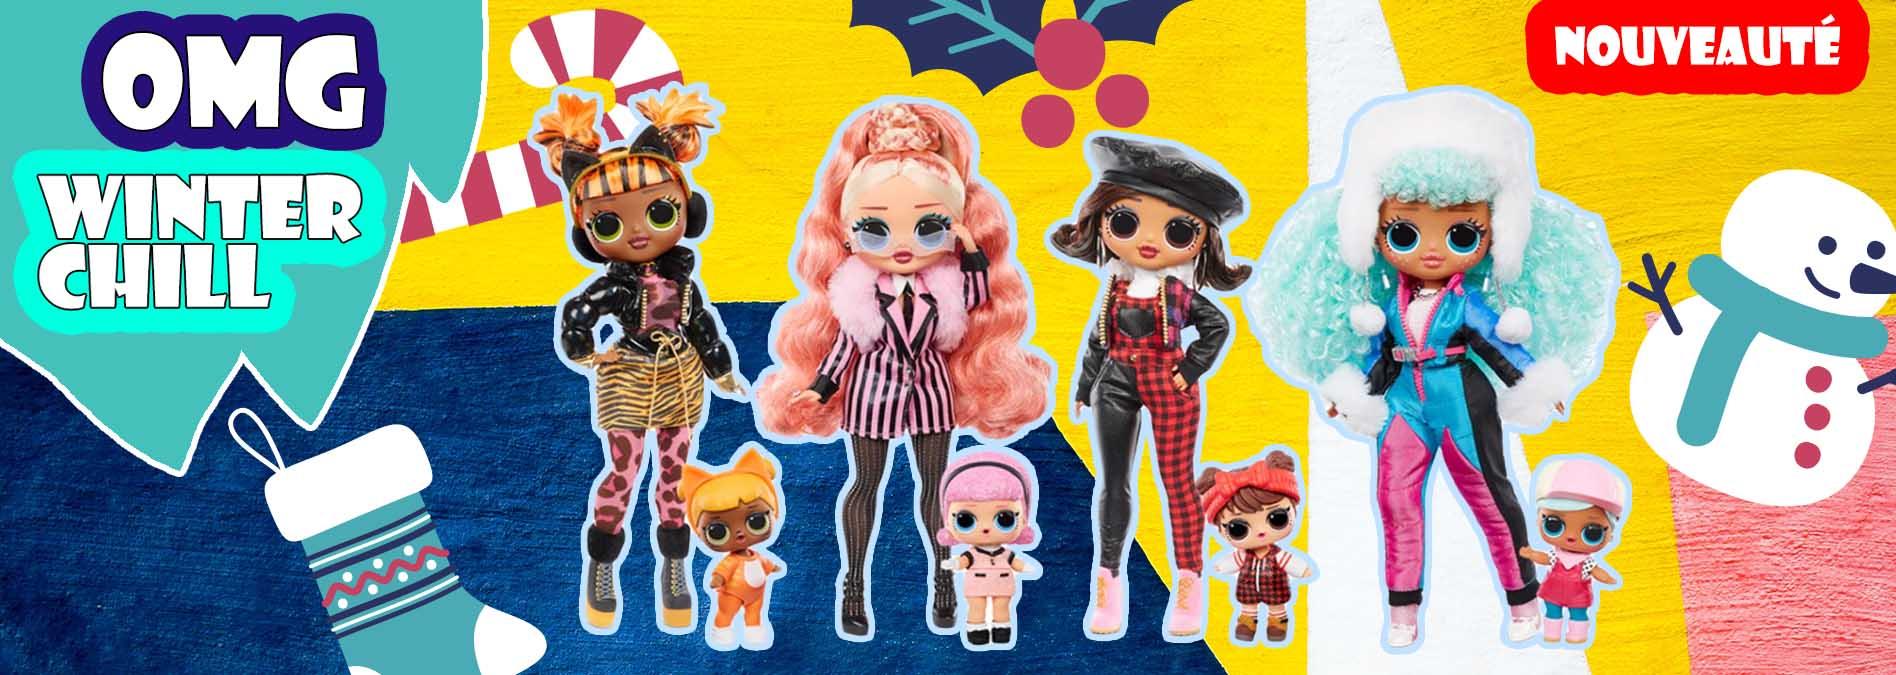 Slide 1 Winter Chill serie poupee lol - OMG Winter Chill - la série 2020 poupée LOL qui réchauffe votre hiver